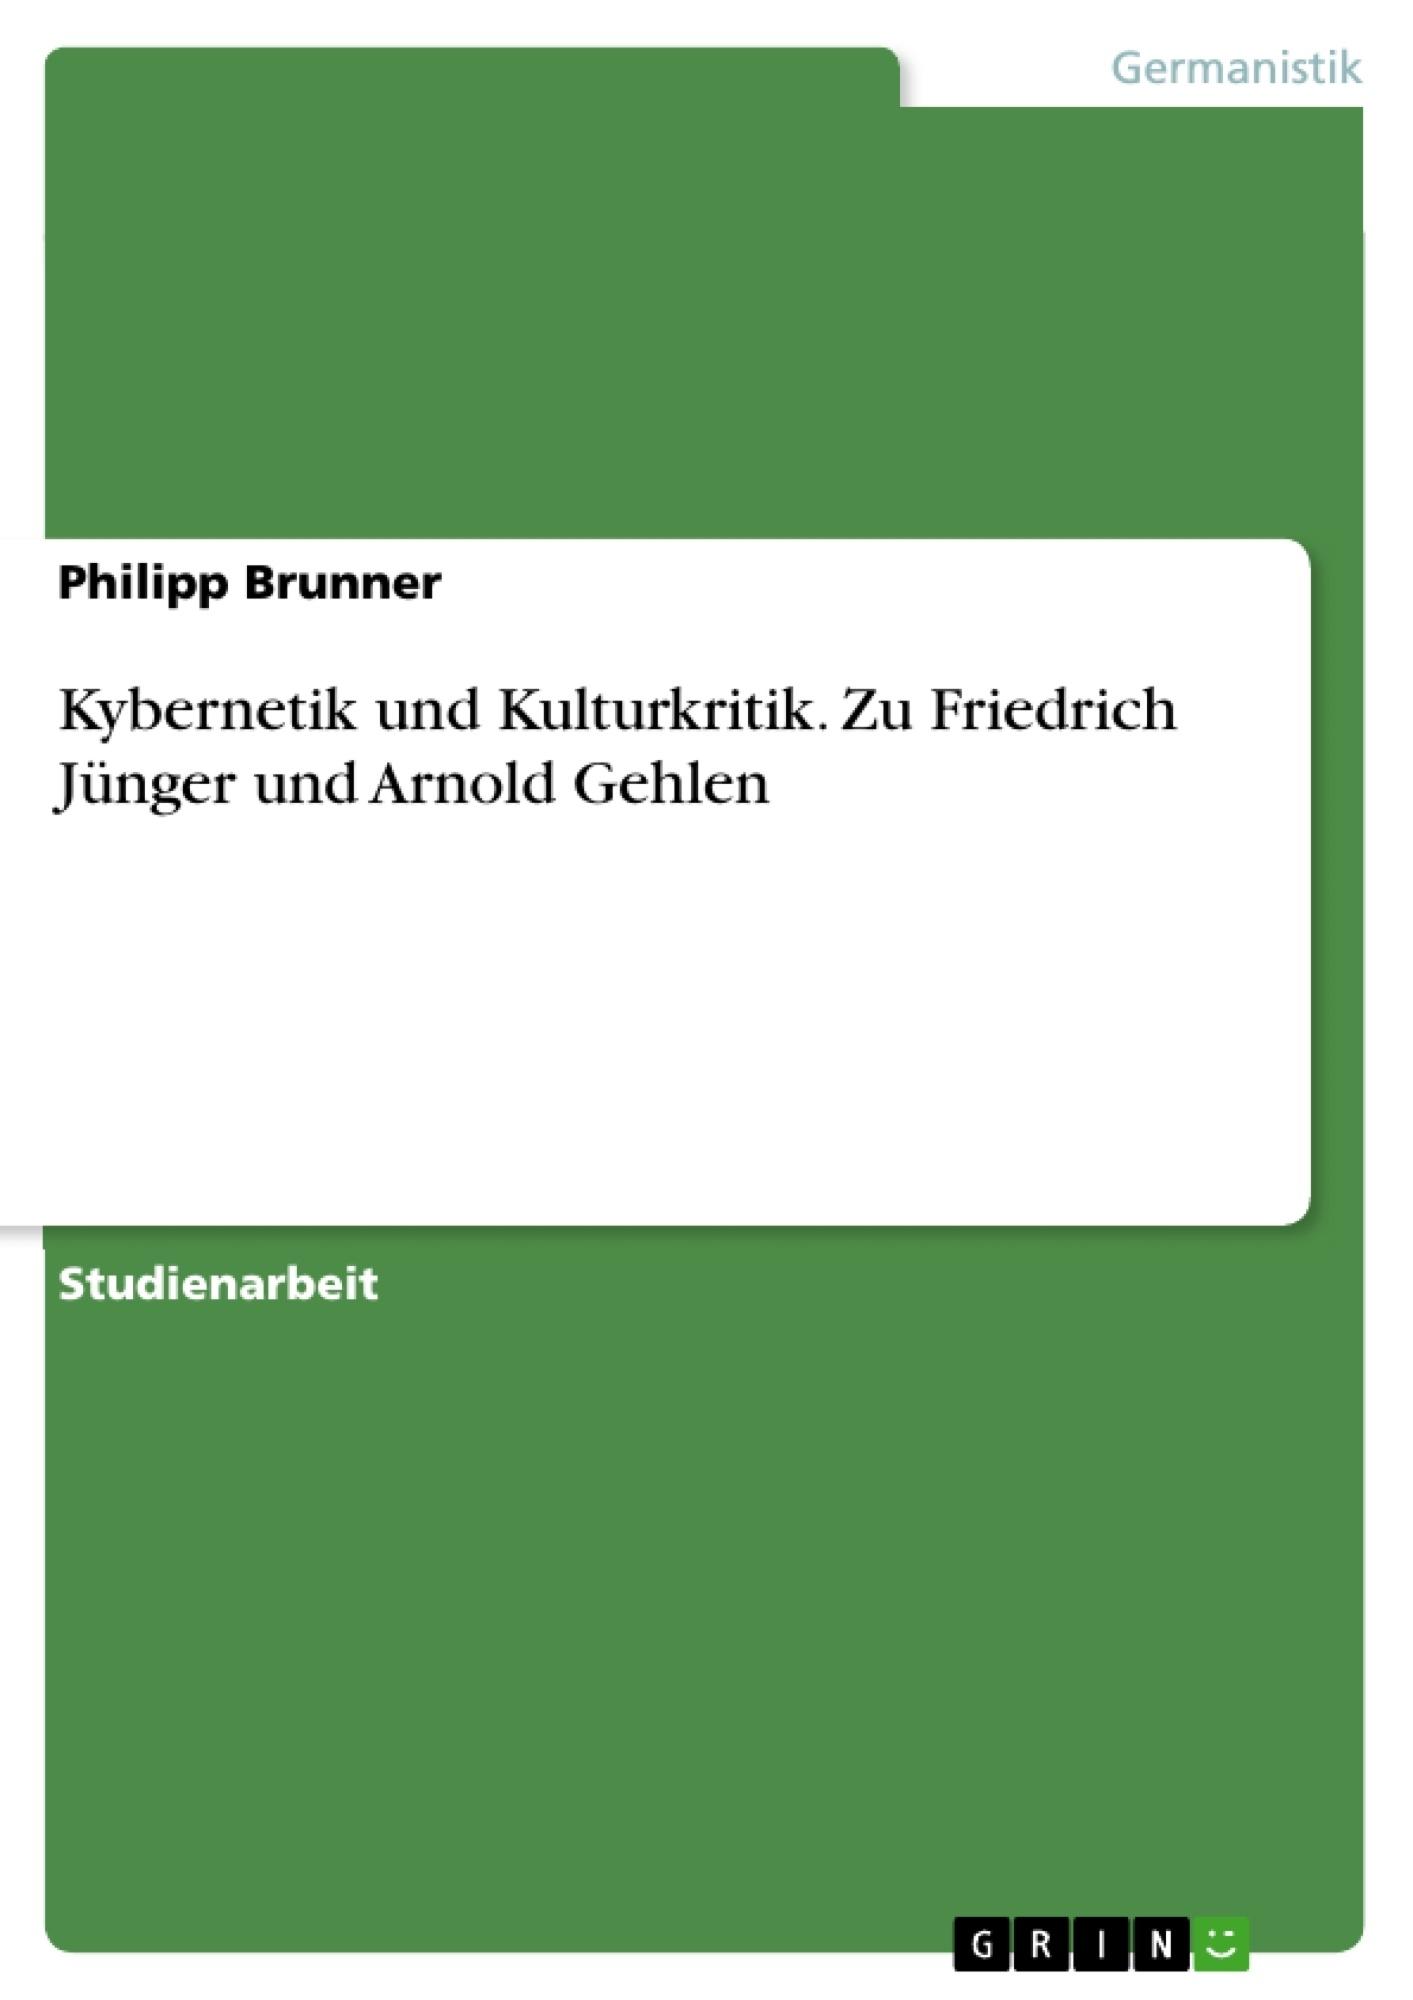 Titel: Kybernetik und Kulturkritik. Zu Friedrich Jünger und Arnold Gehlen